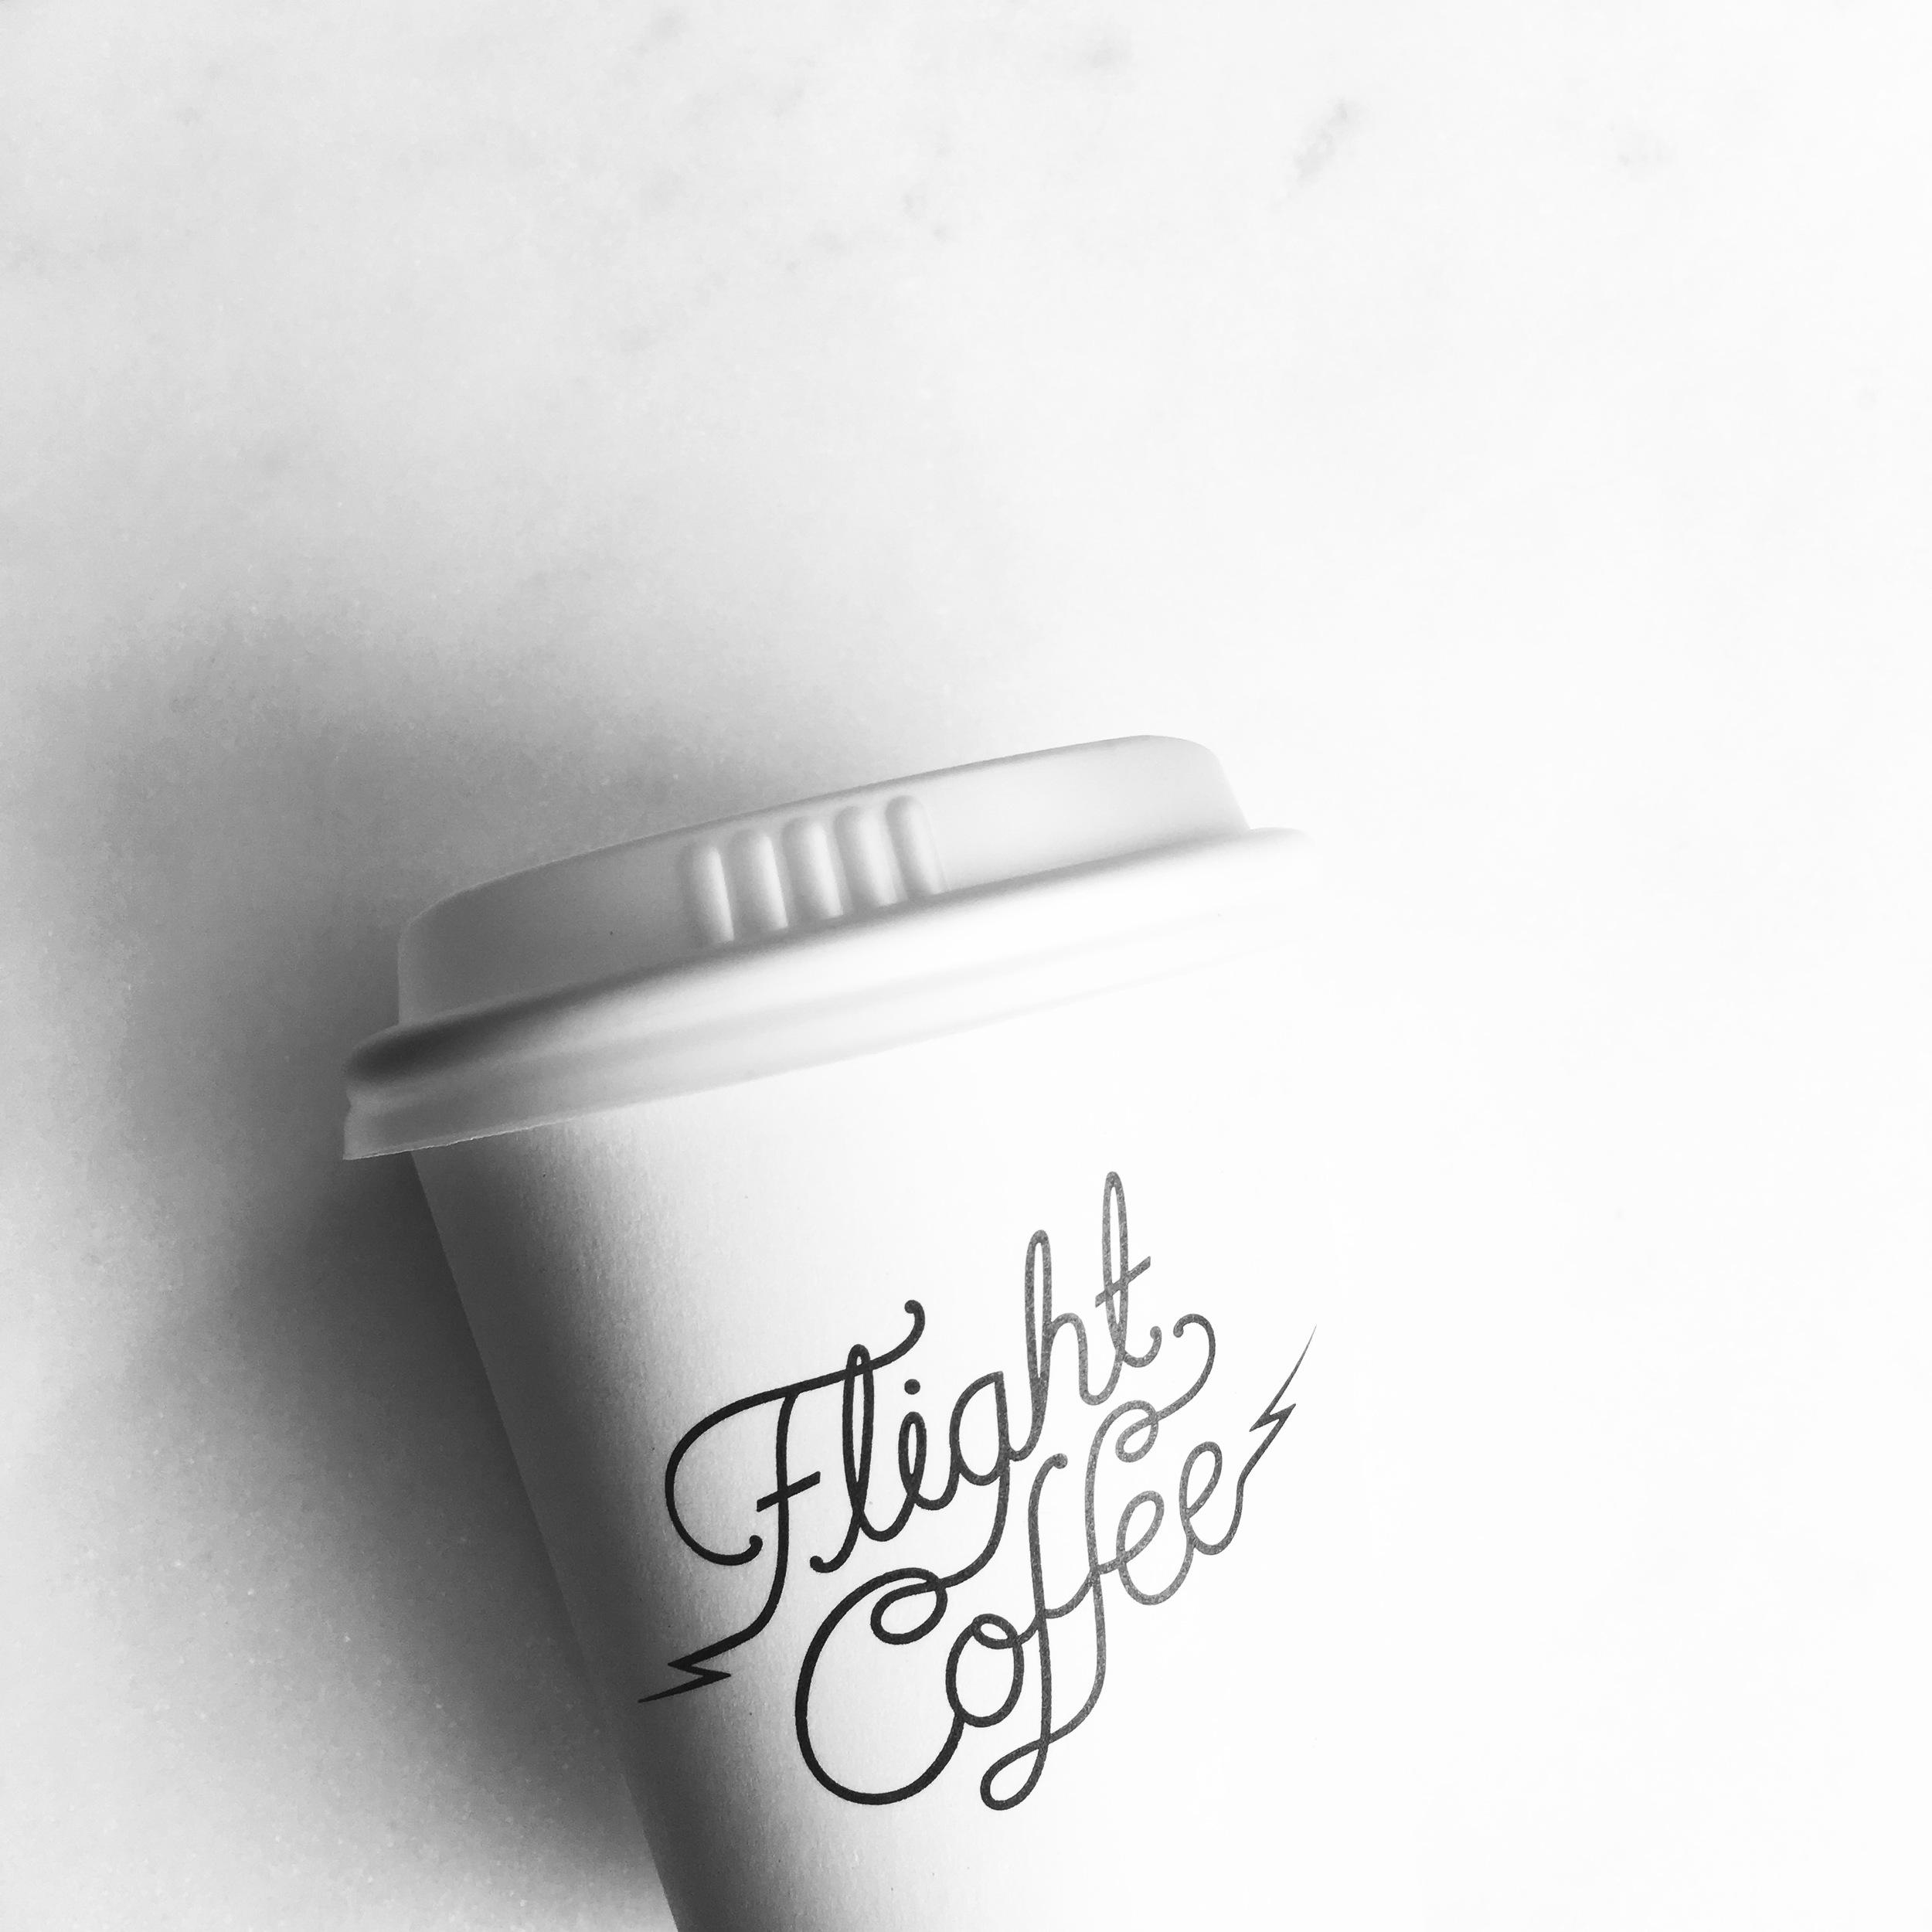 flightcoffee